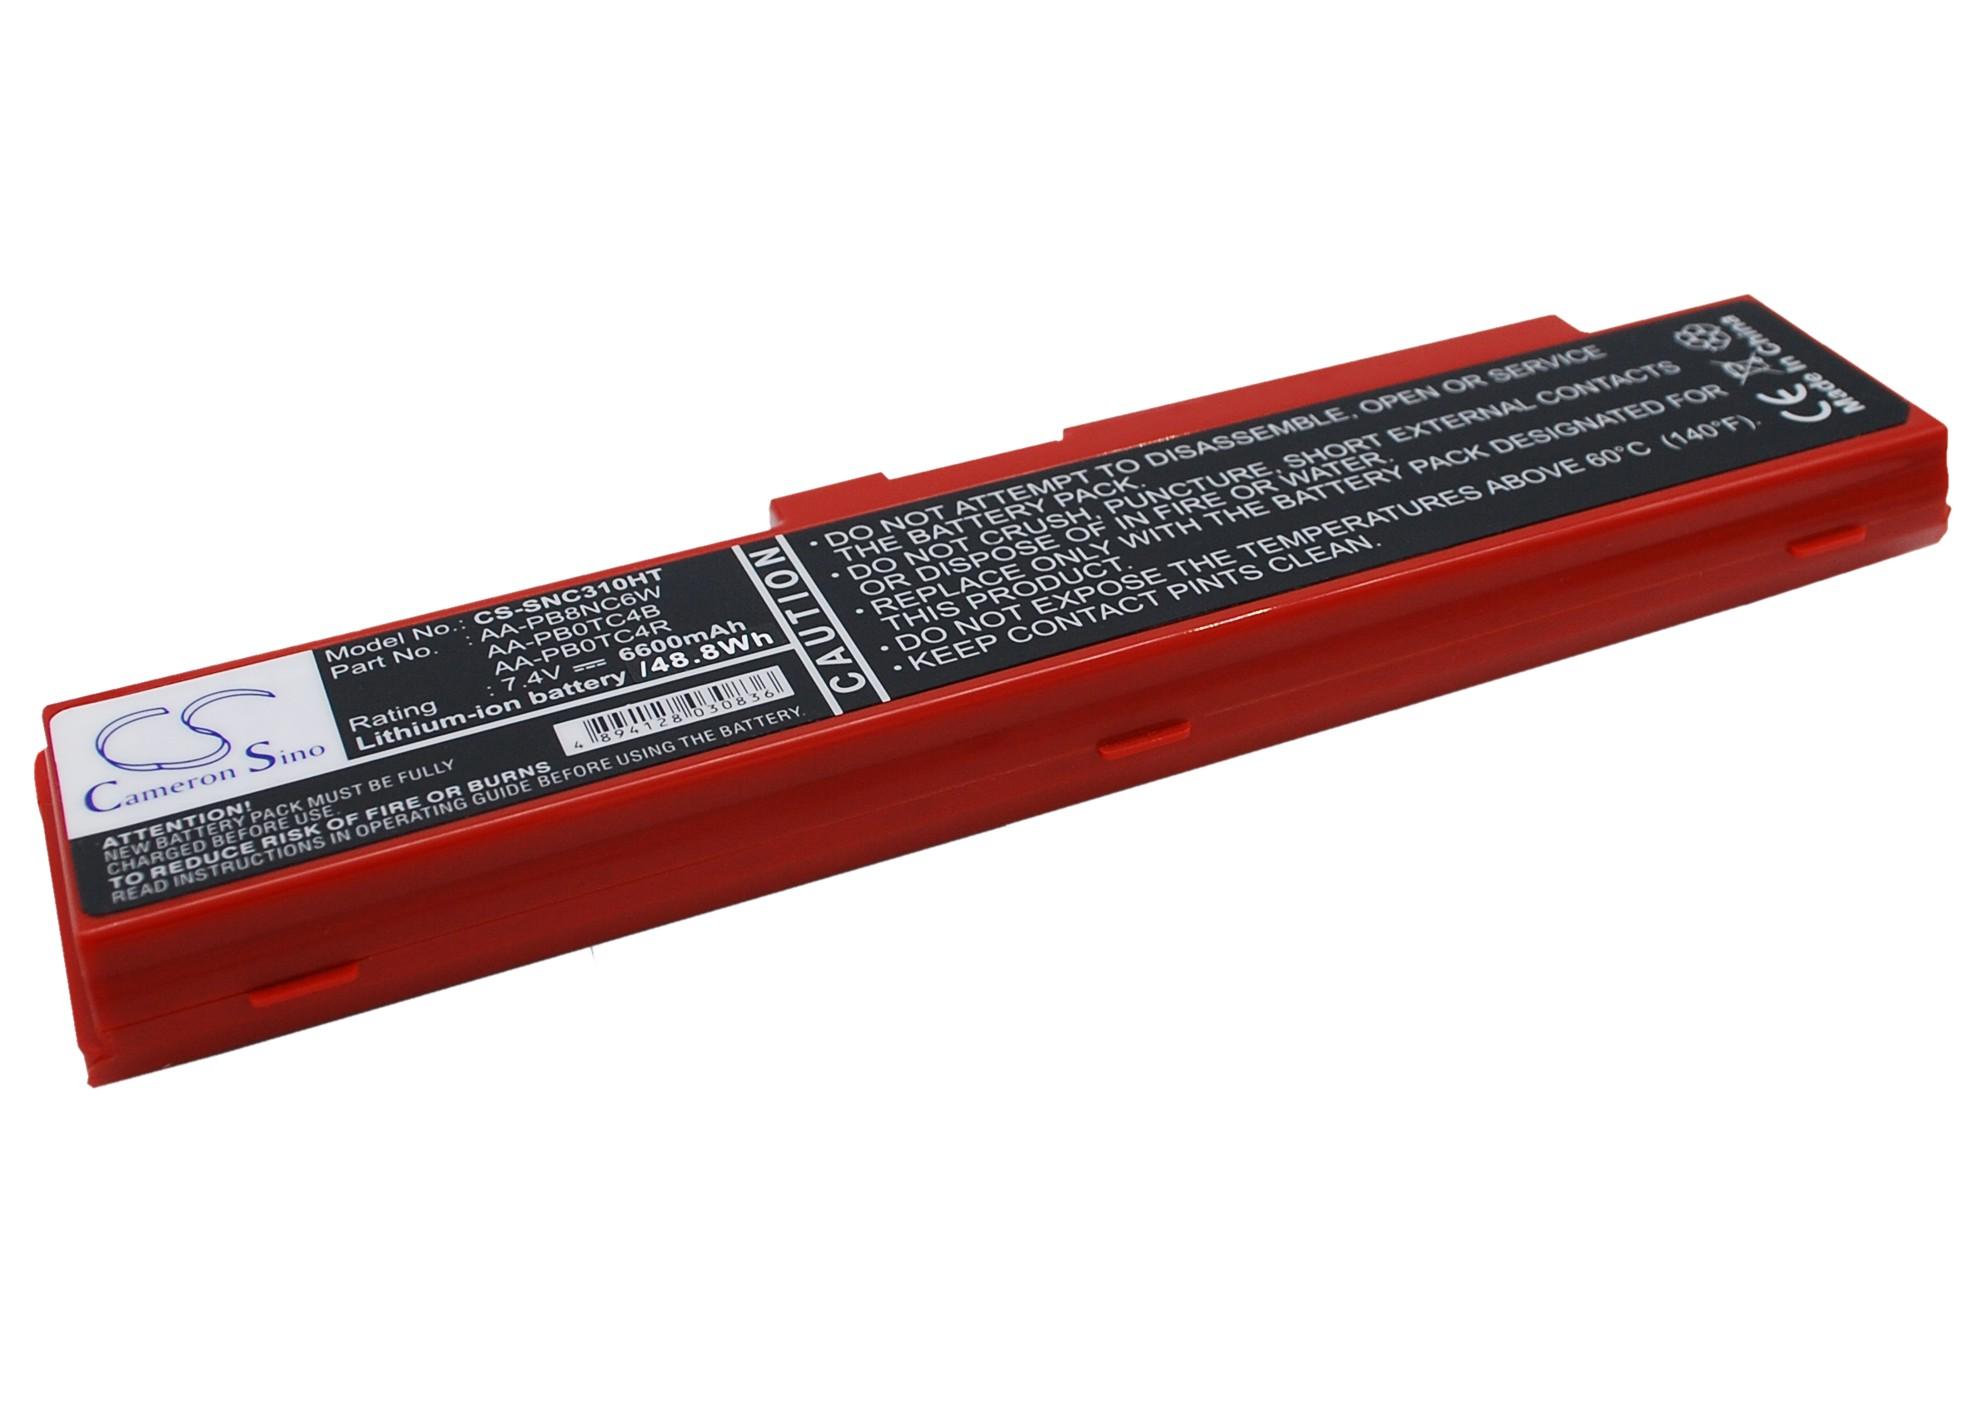 Cameron Sino baterie do netbooků pro SAMSUNG NP-X120-PA01UK 7.4V Li-ion 6600mAh červená - neoriginální